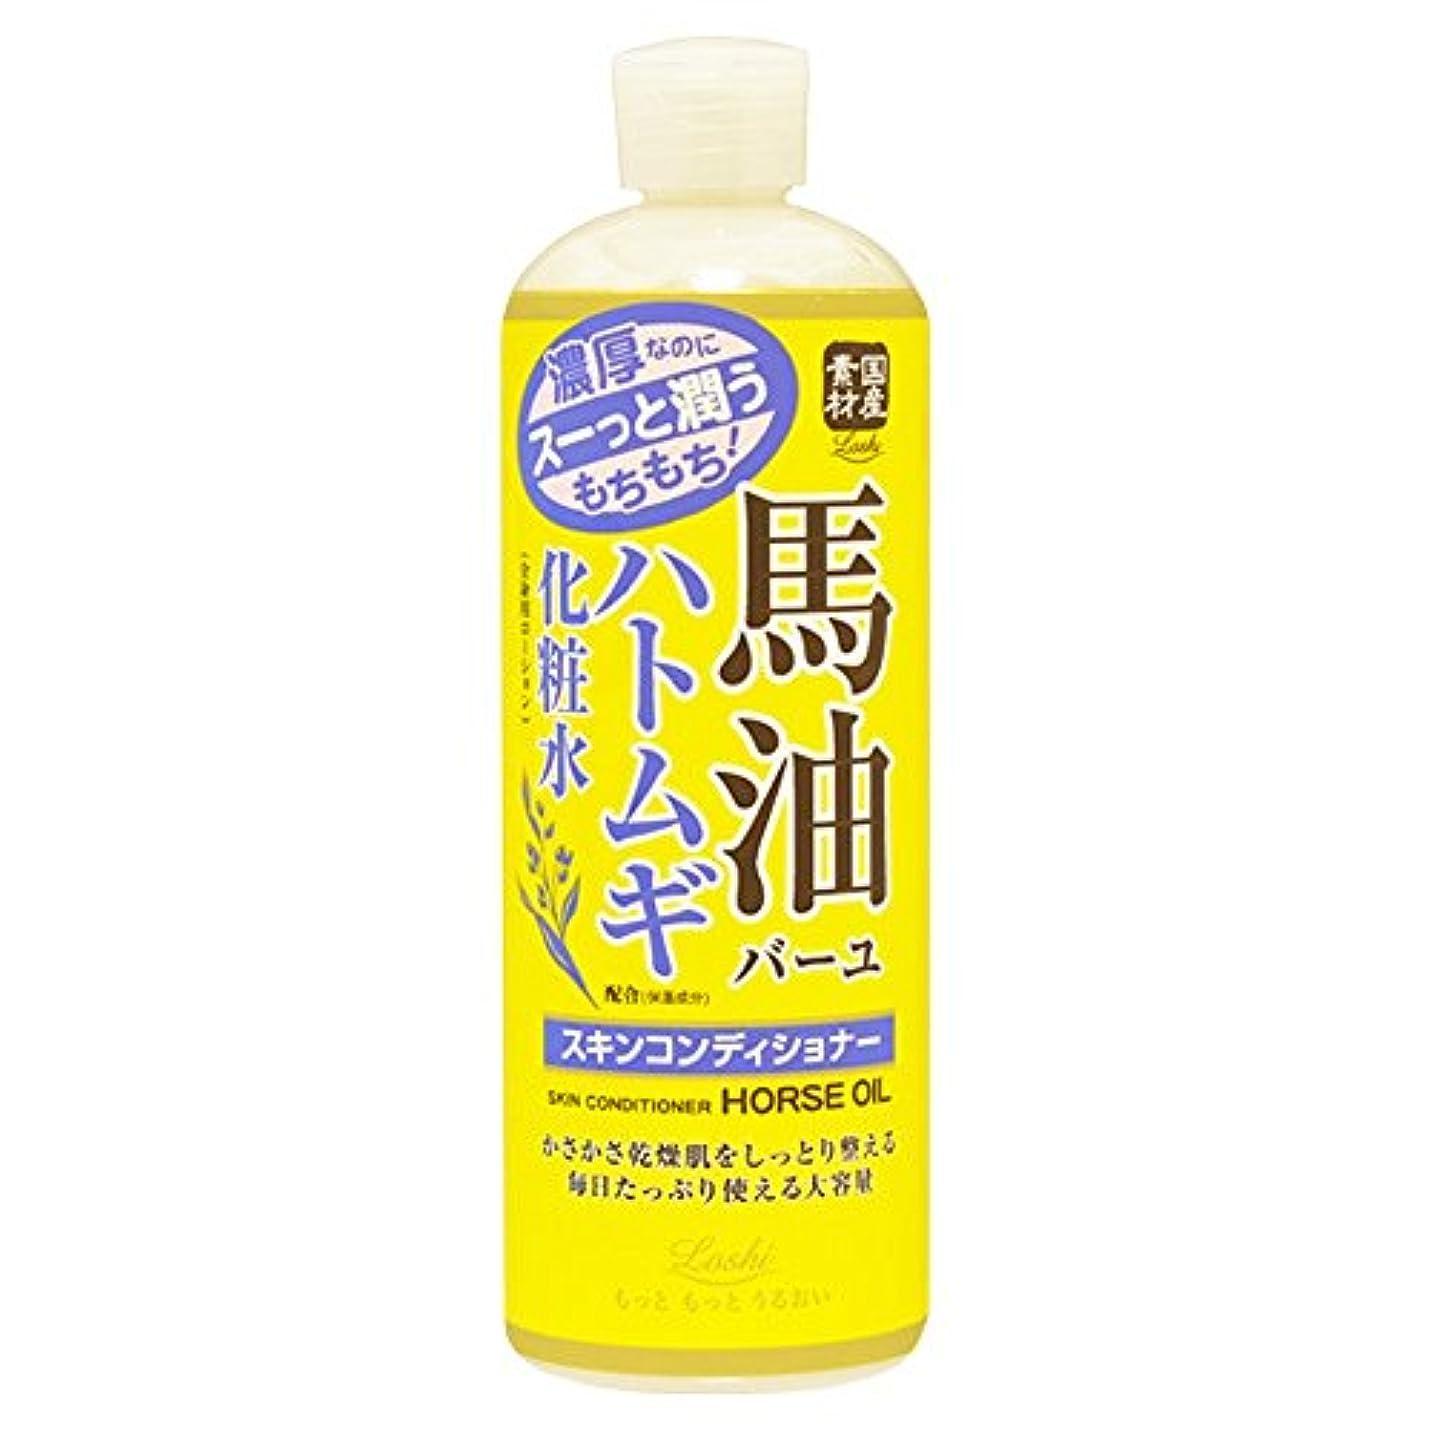 飢笑州ロッシモイストエイド スキンコンディショナー 馬油&ハトムギ 500ml (化粧水 ローション 高保湿)